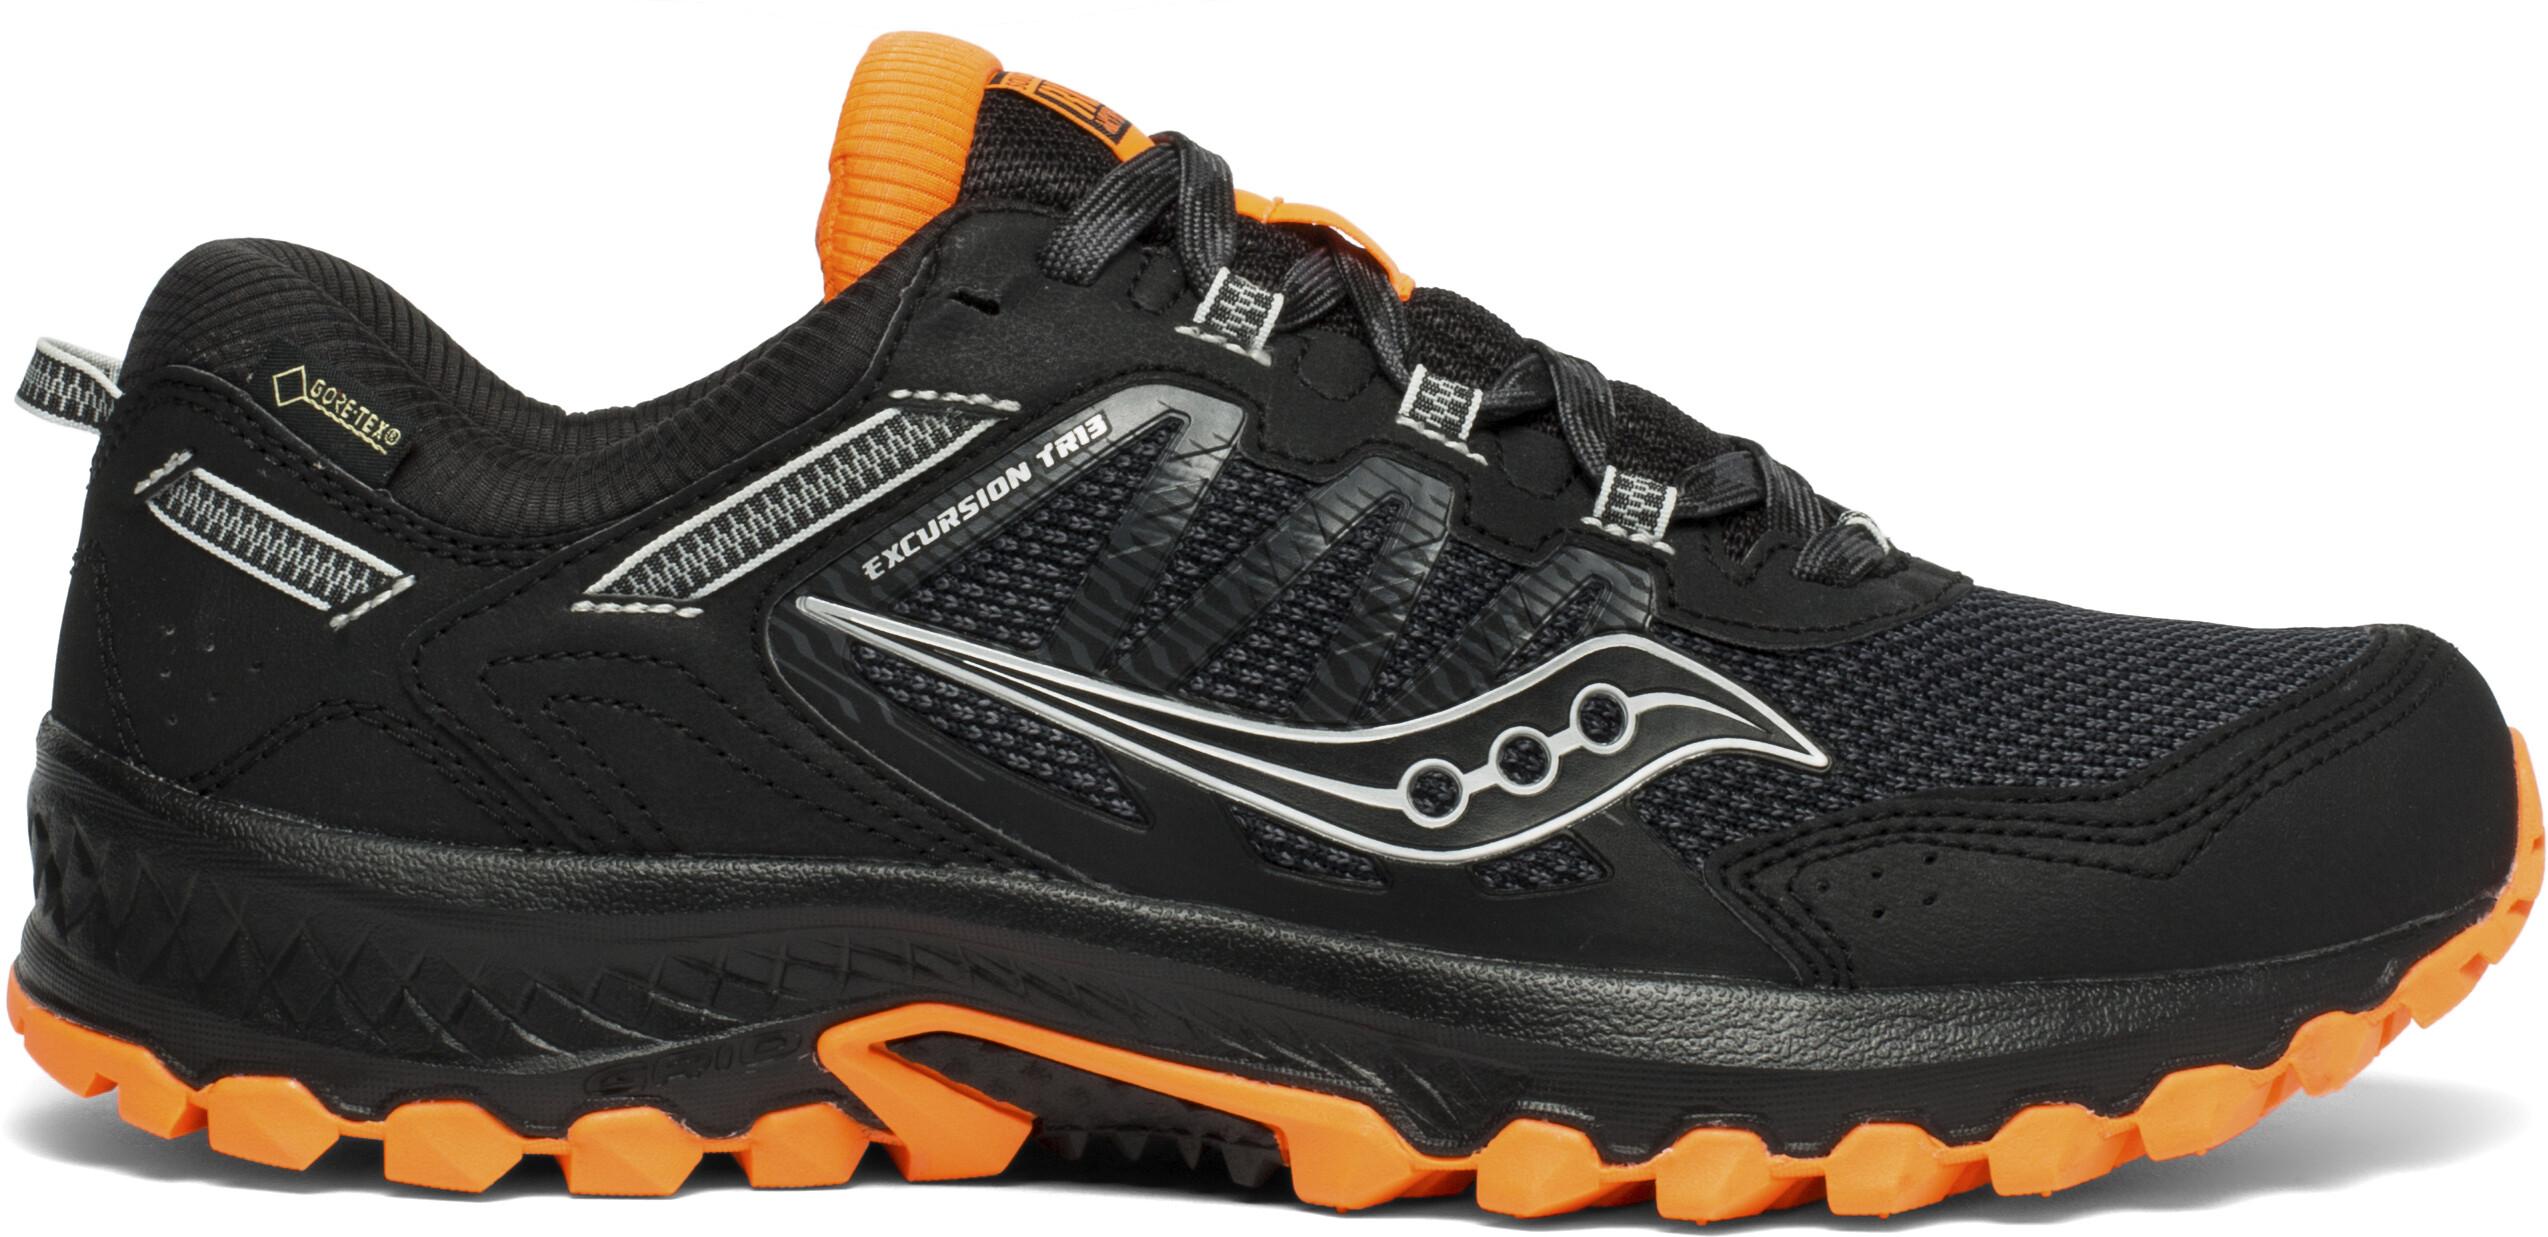 912290190346c saucony Versafoam Excursion TR13 GTX Shoes Women black/orange